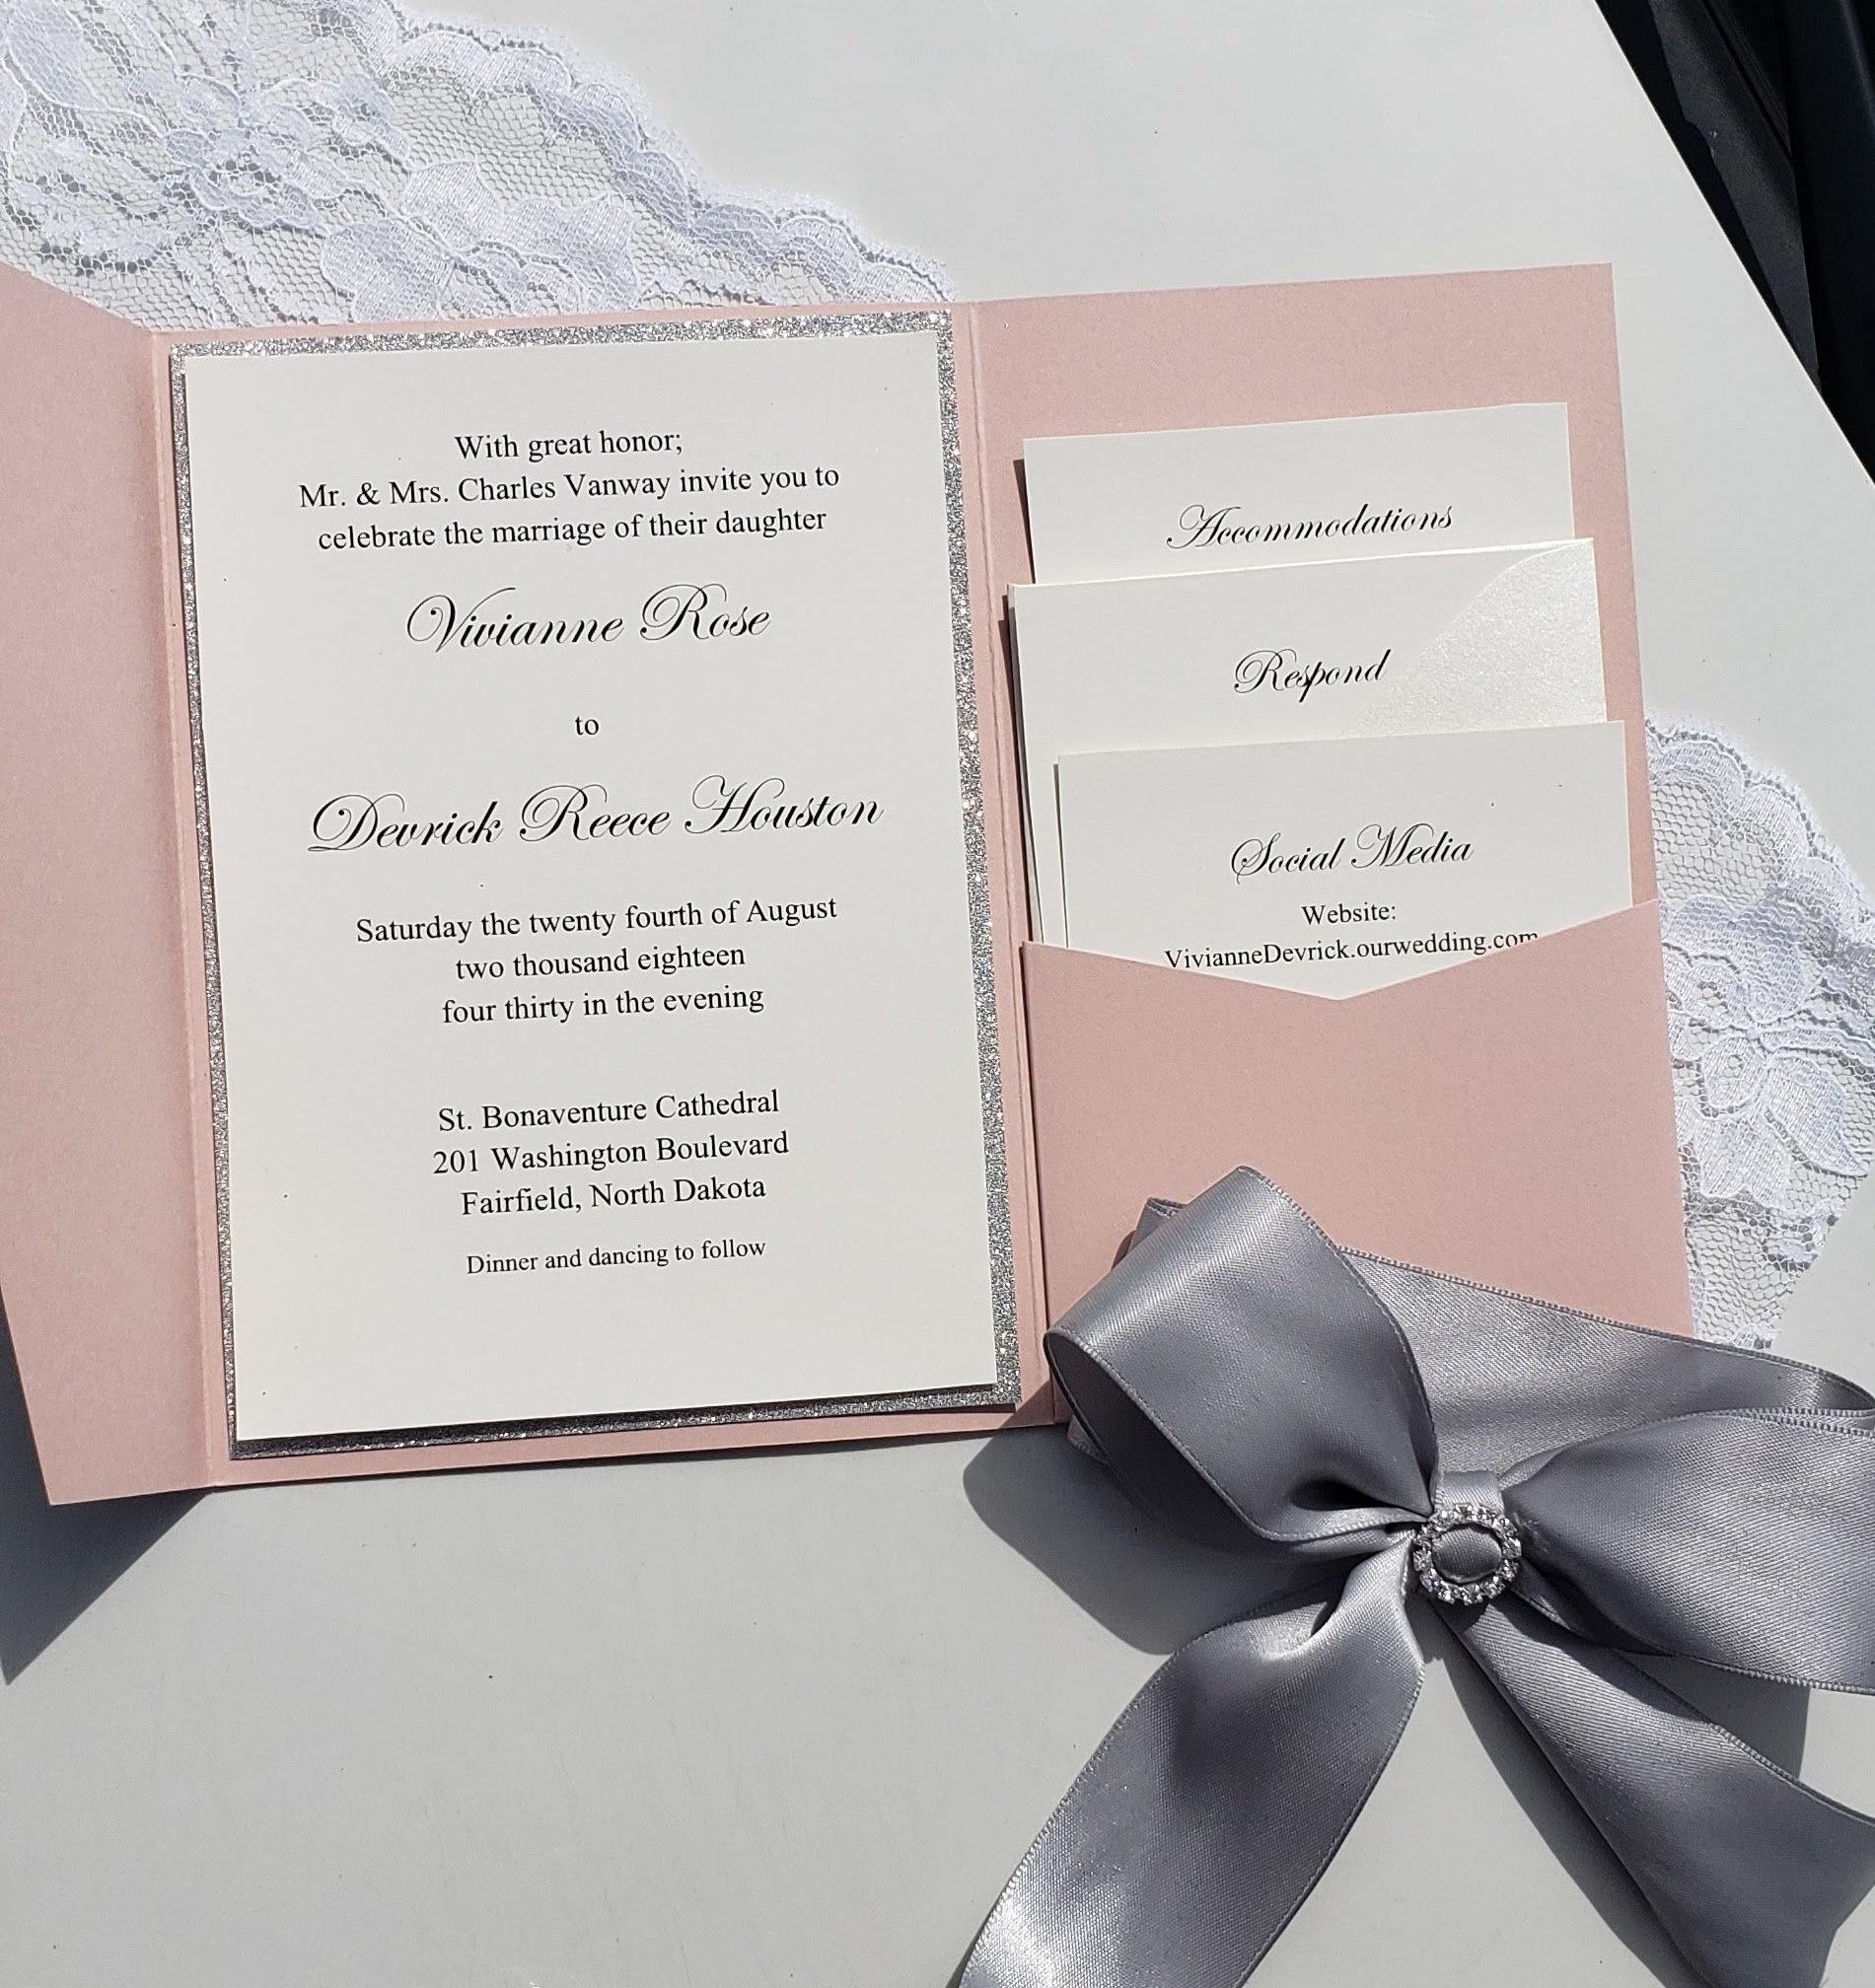 50: Elgant Ivory Silver Bling Wedding Invitations At Reisefeber.org